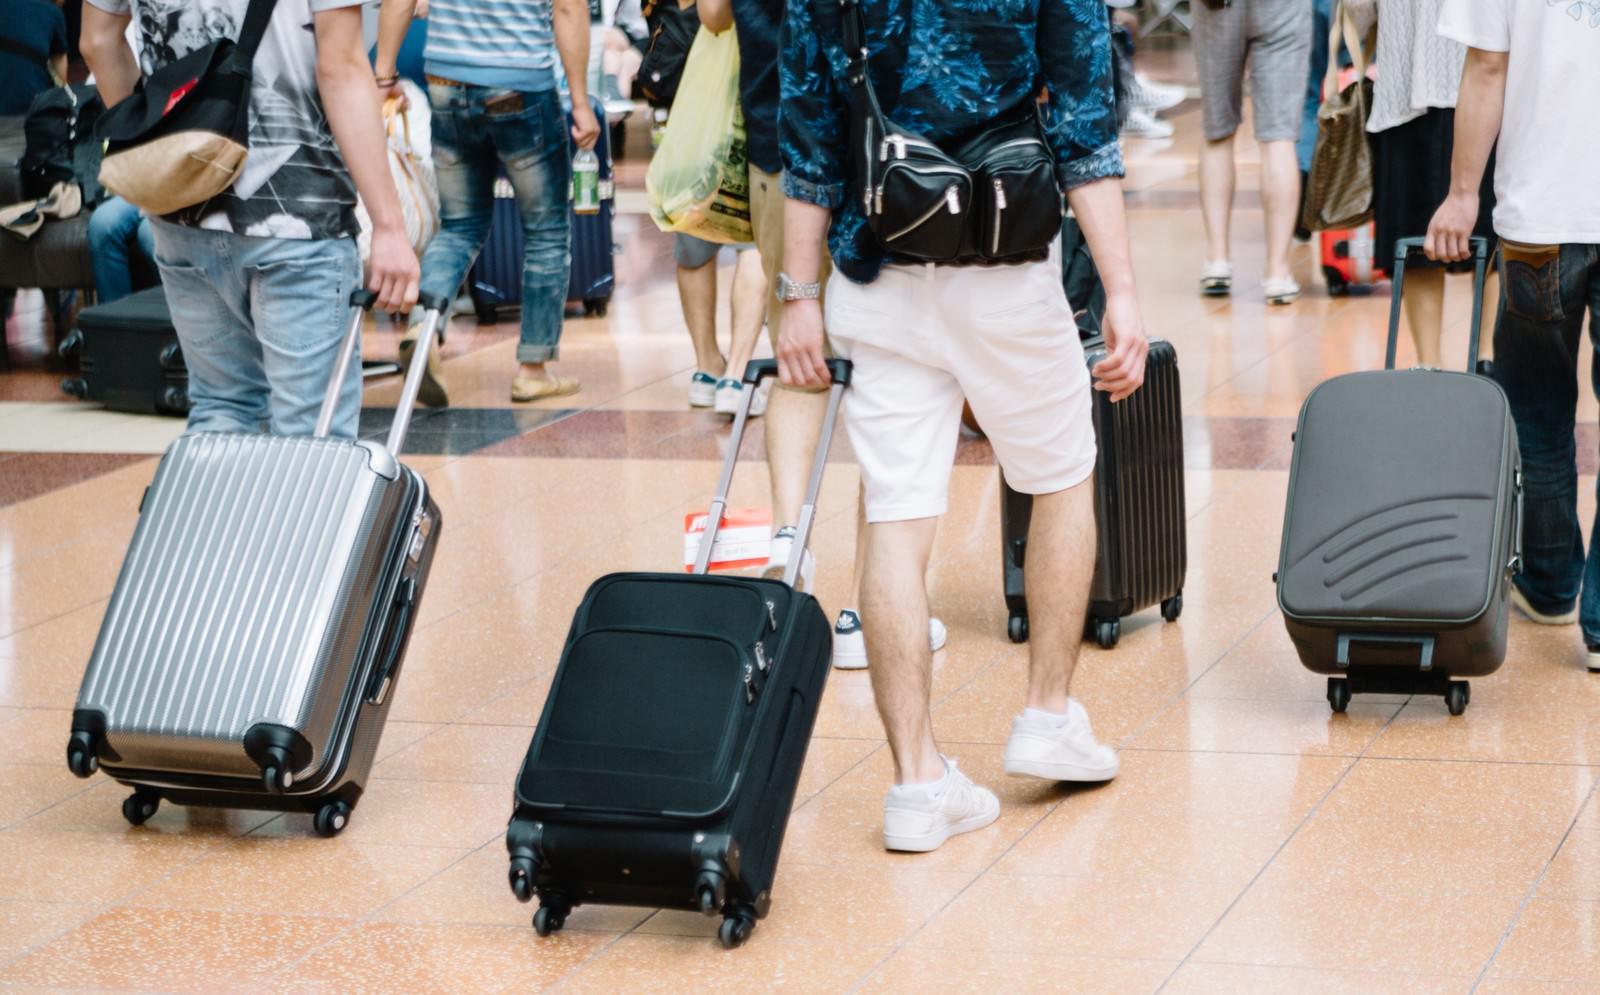 「空港でキャリーバッグを持った観光客空港でキャリーバッグを持った観光客」のフリー写真素材を拡大